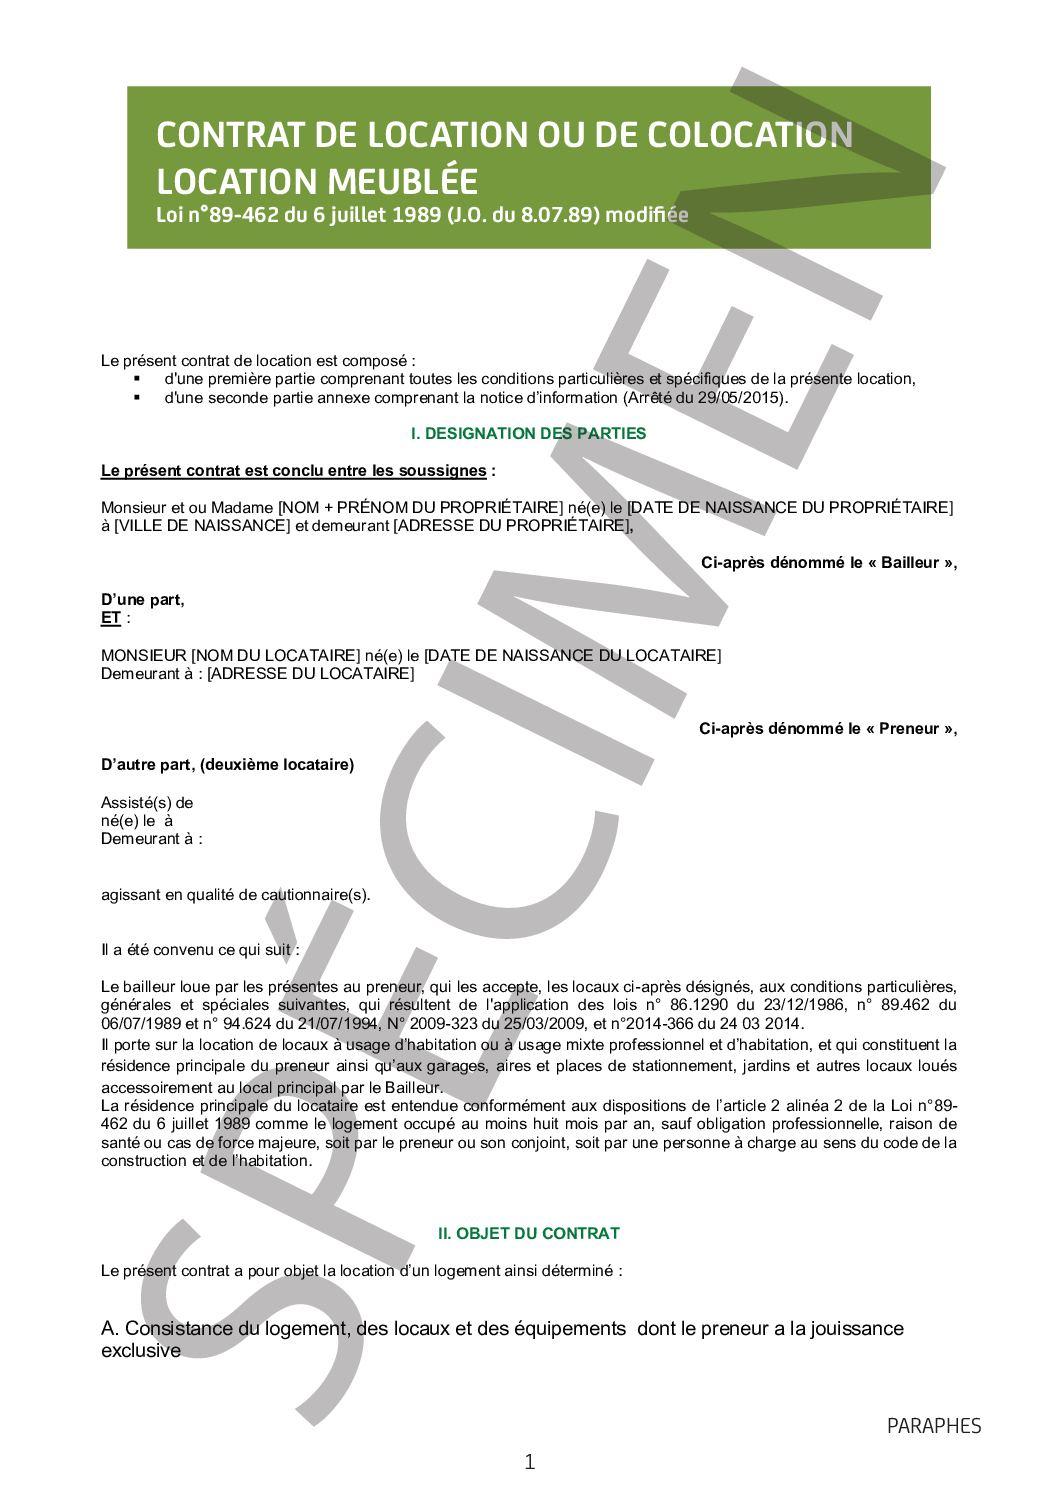 Calaméo - Modèle Gratuit Contrat De Location Meublée avec Contrat De Location Meublé Gratuit